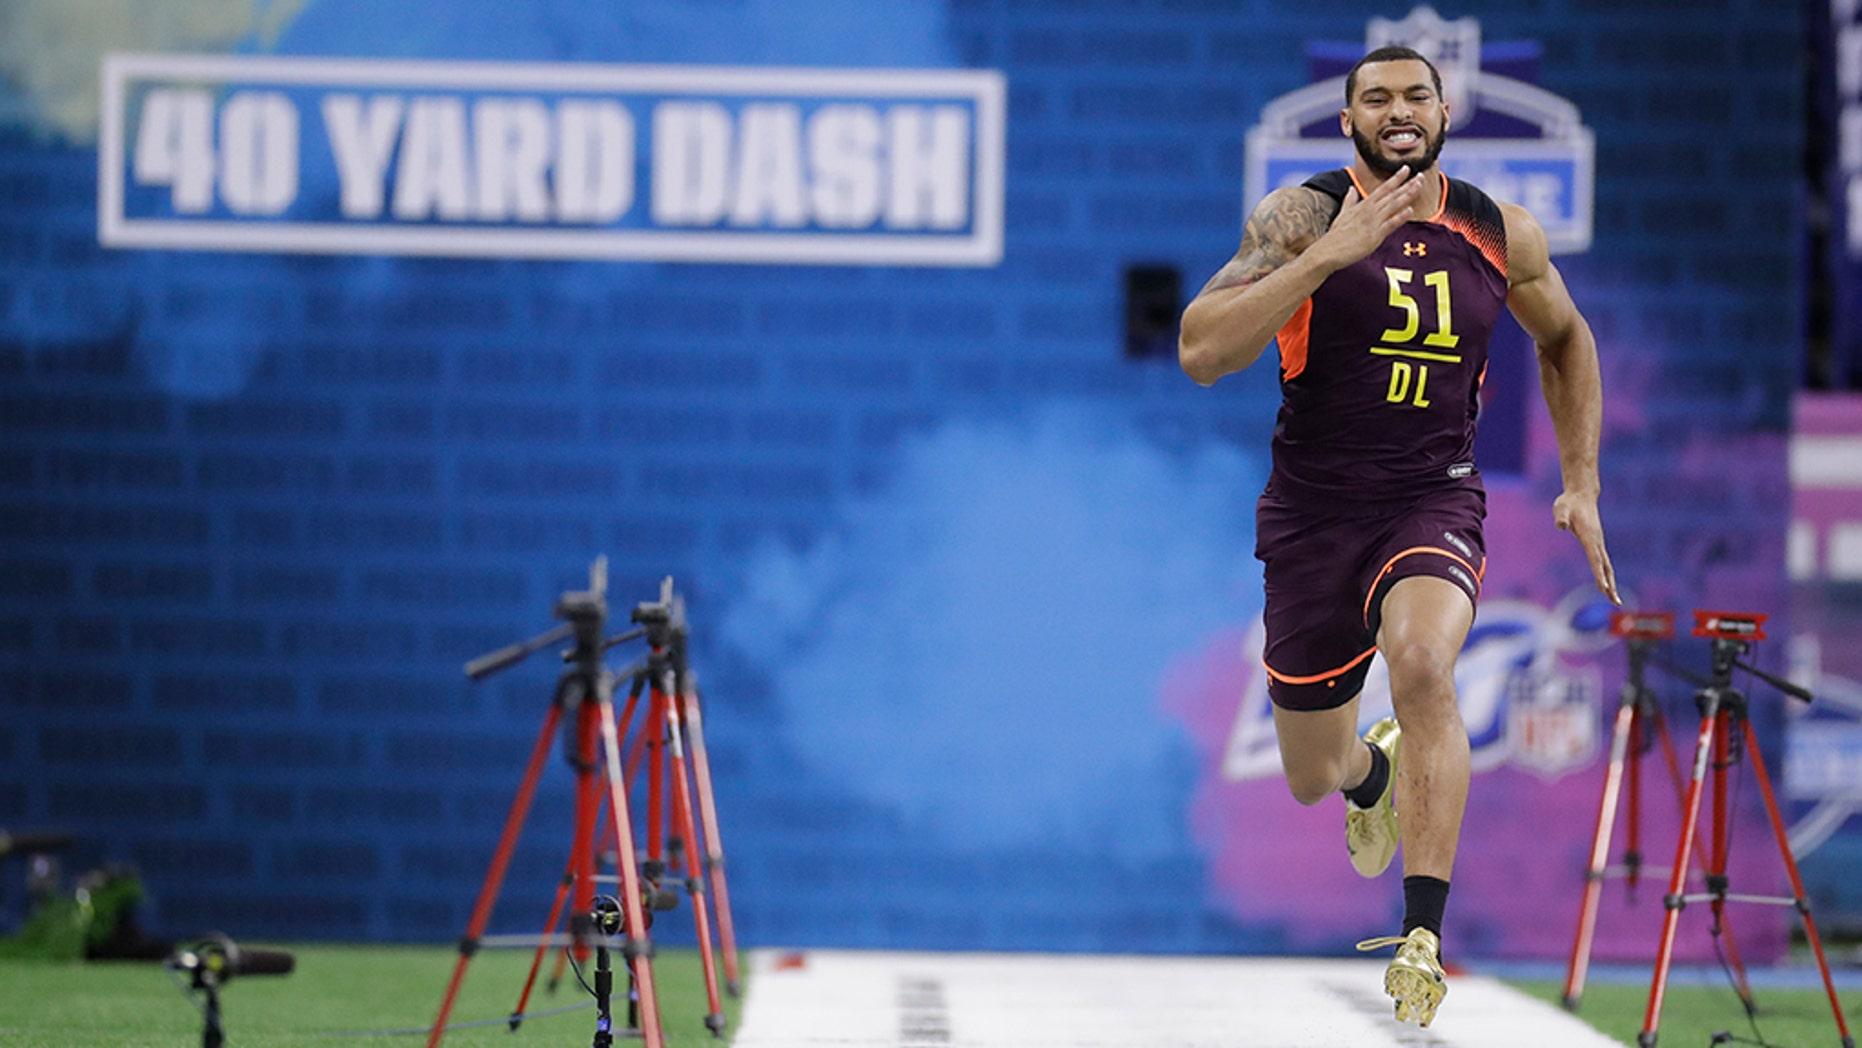 NFL Combine results: Defensive linemen run the 40-yard